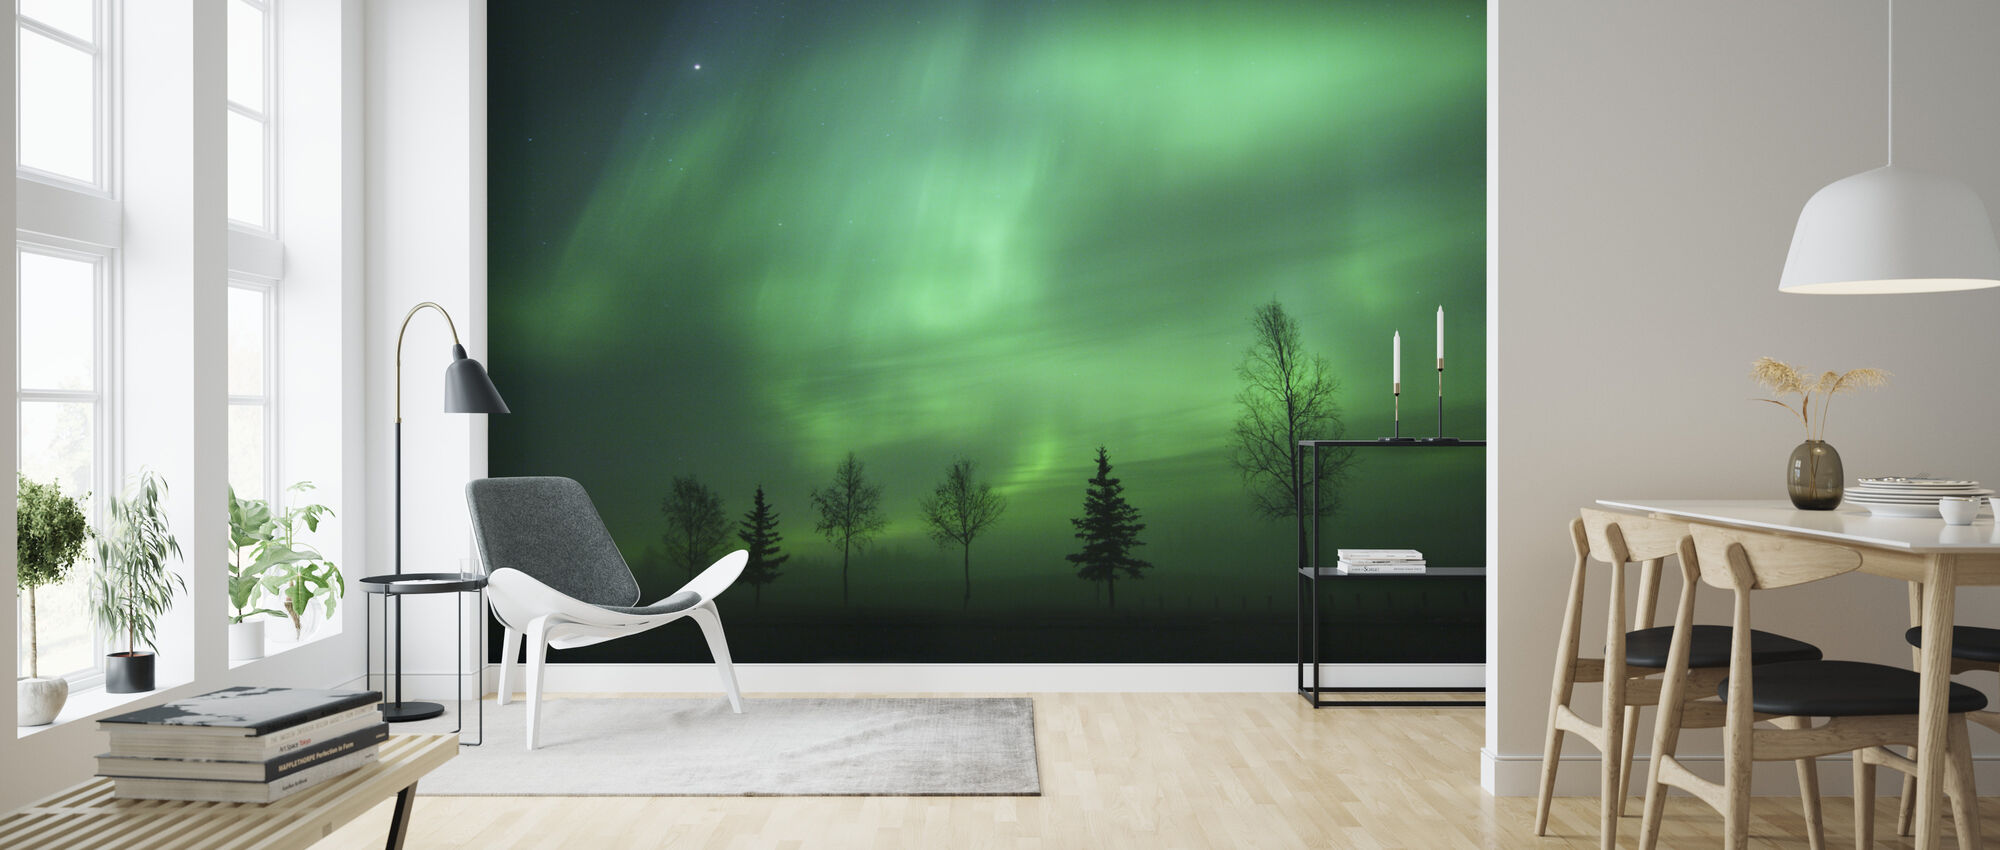 Nordic Lichten - Behang - Woonkamer